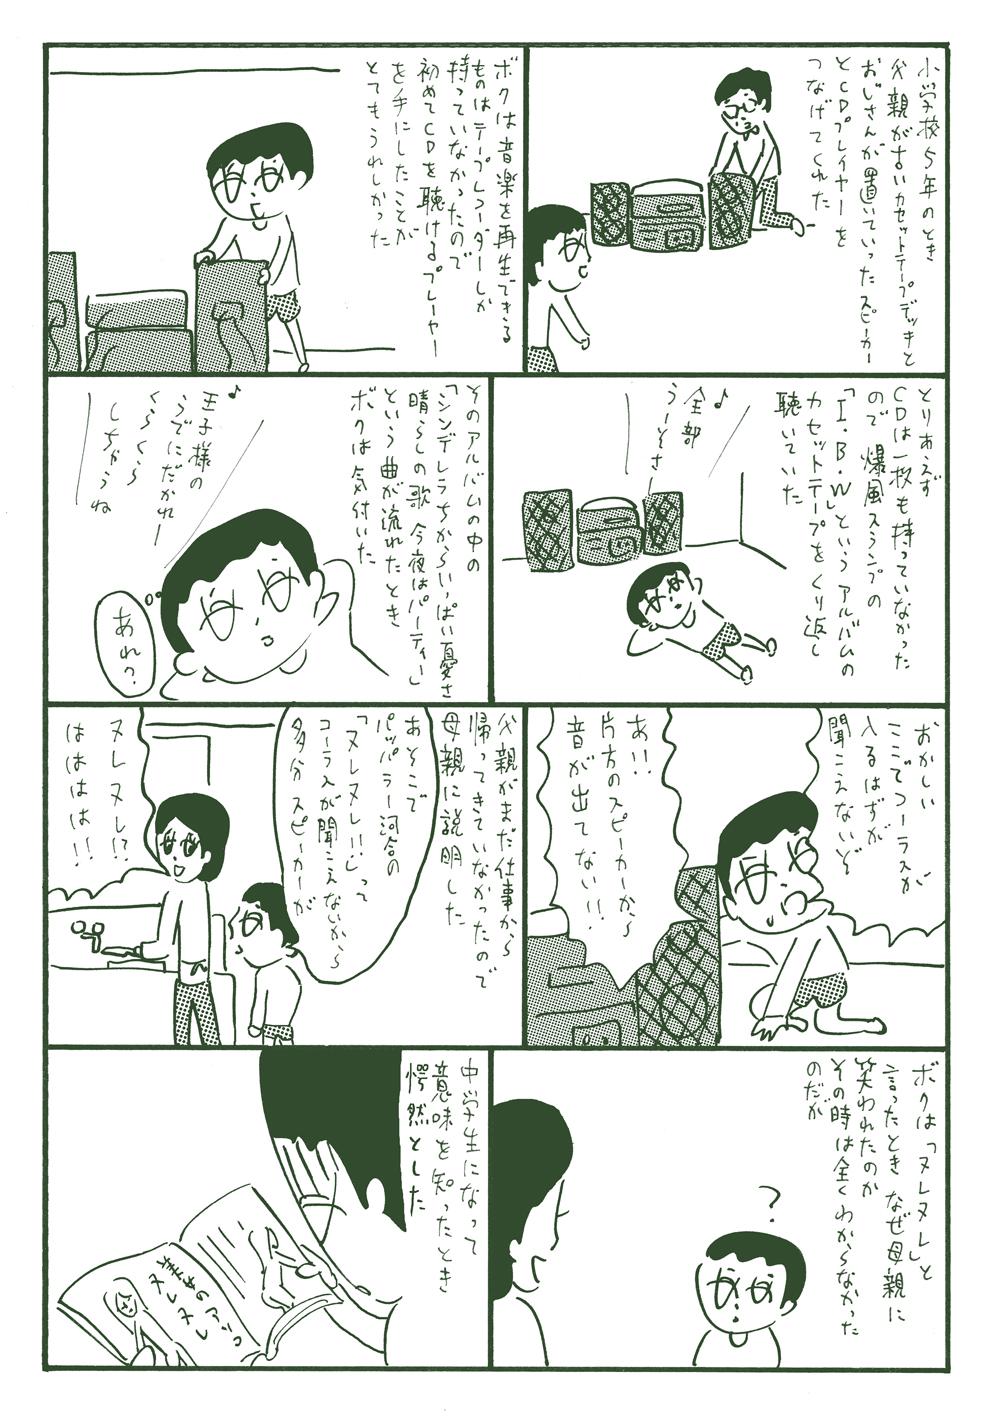 oohashi-hiroyuki-015